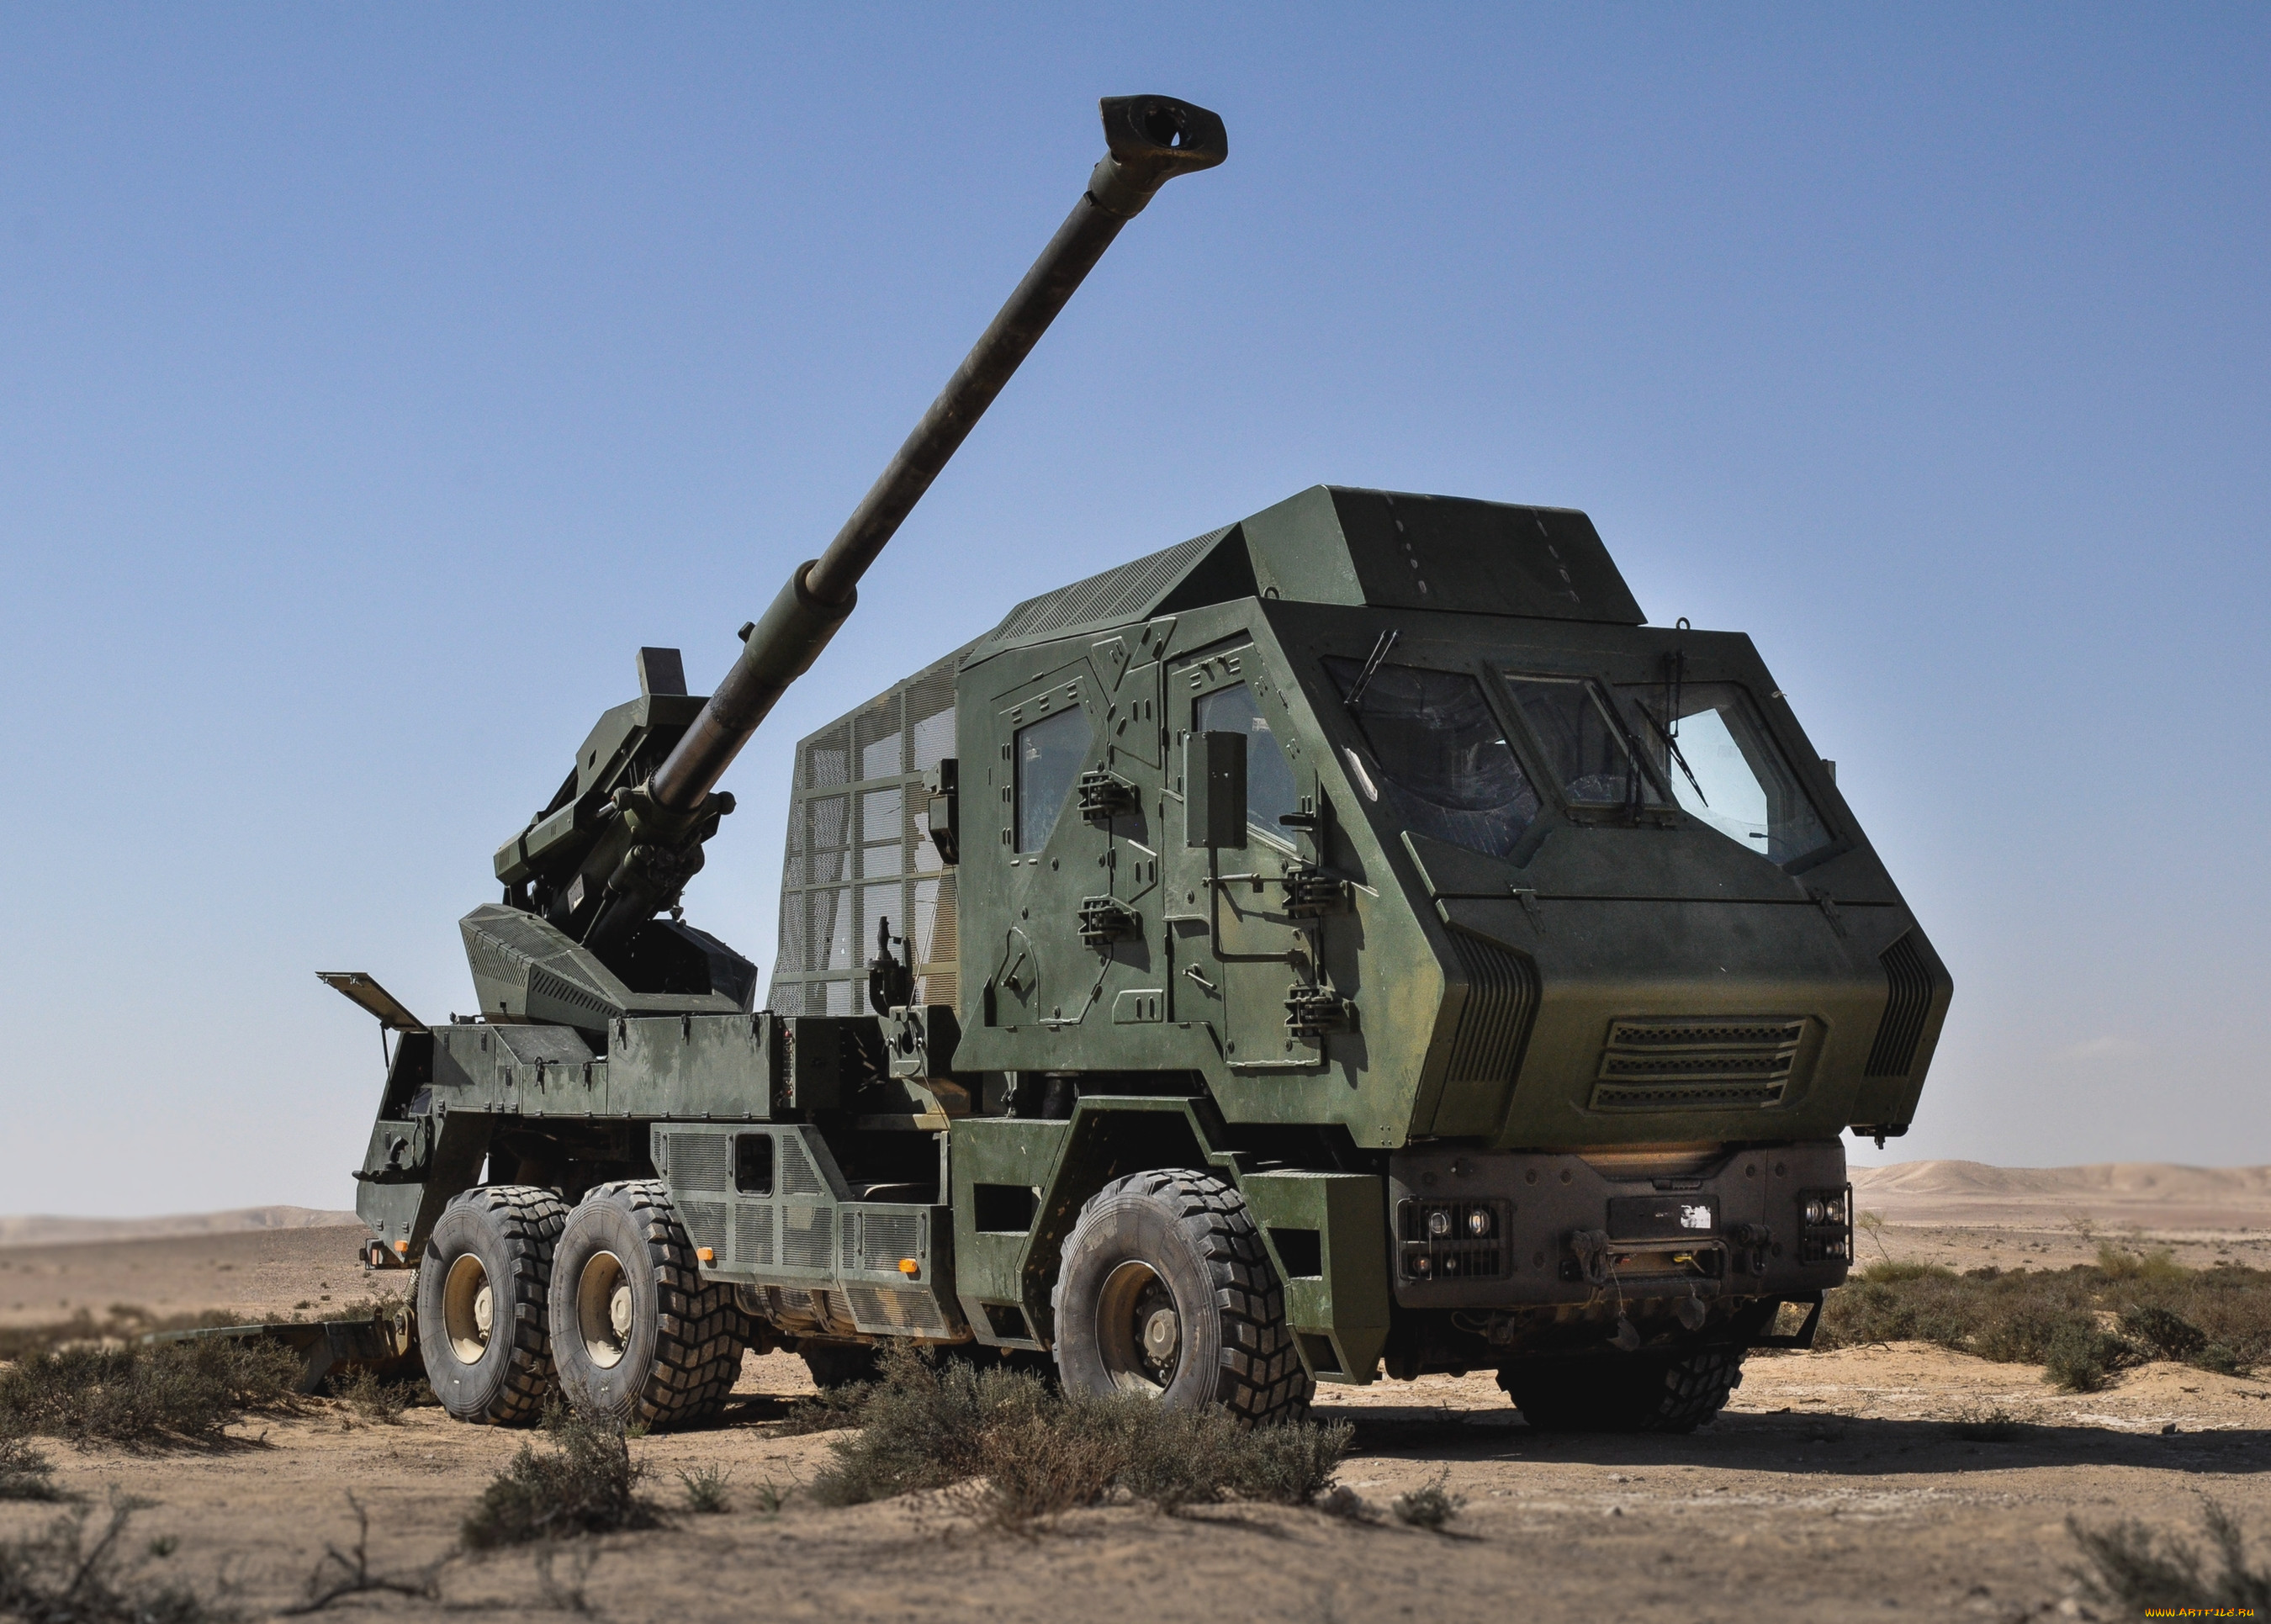 просто любил фото военной техники будущего небольшой